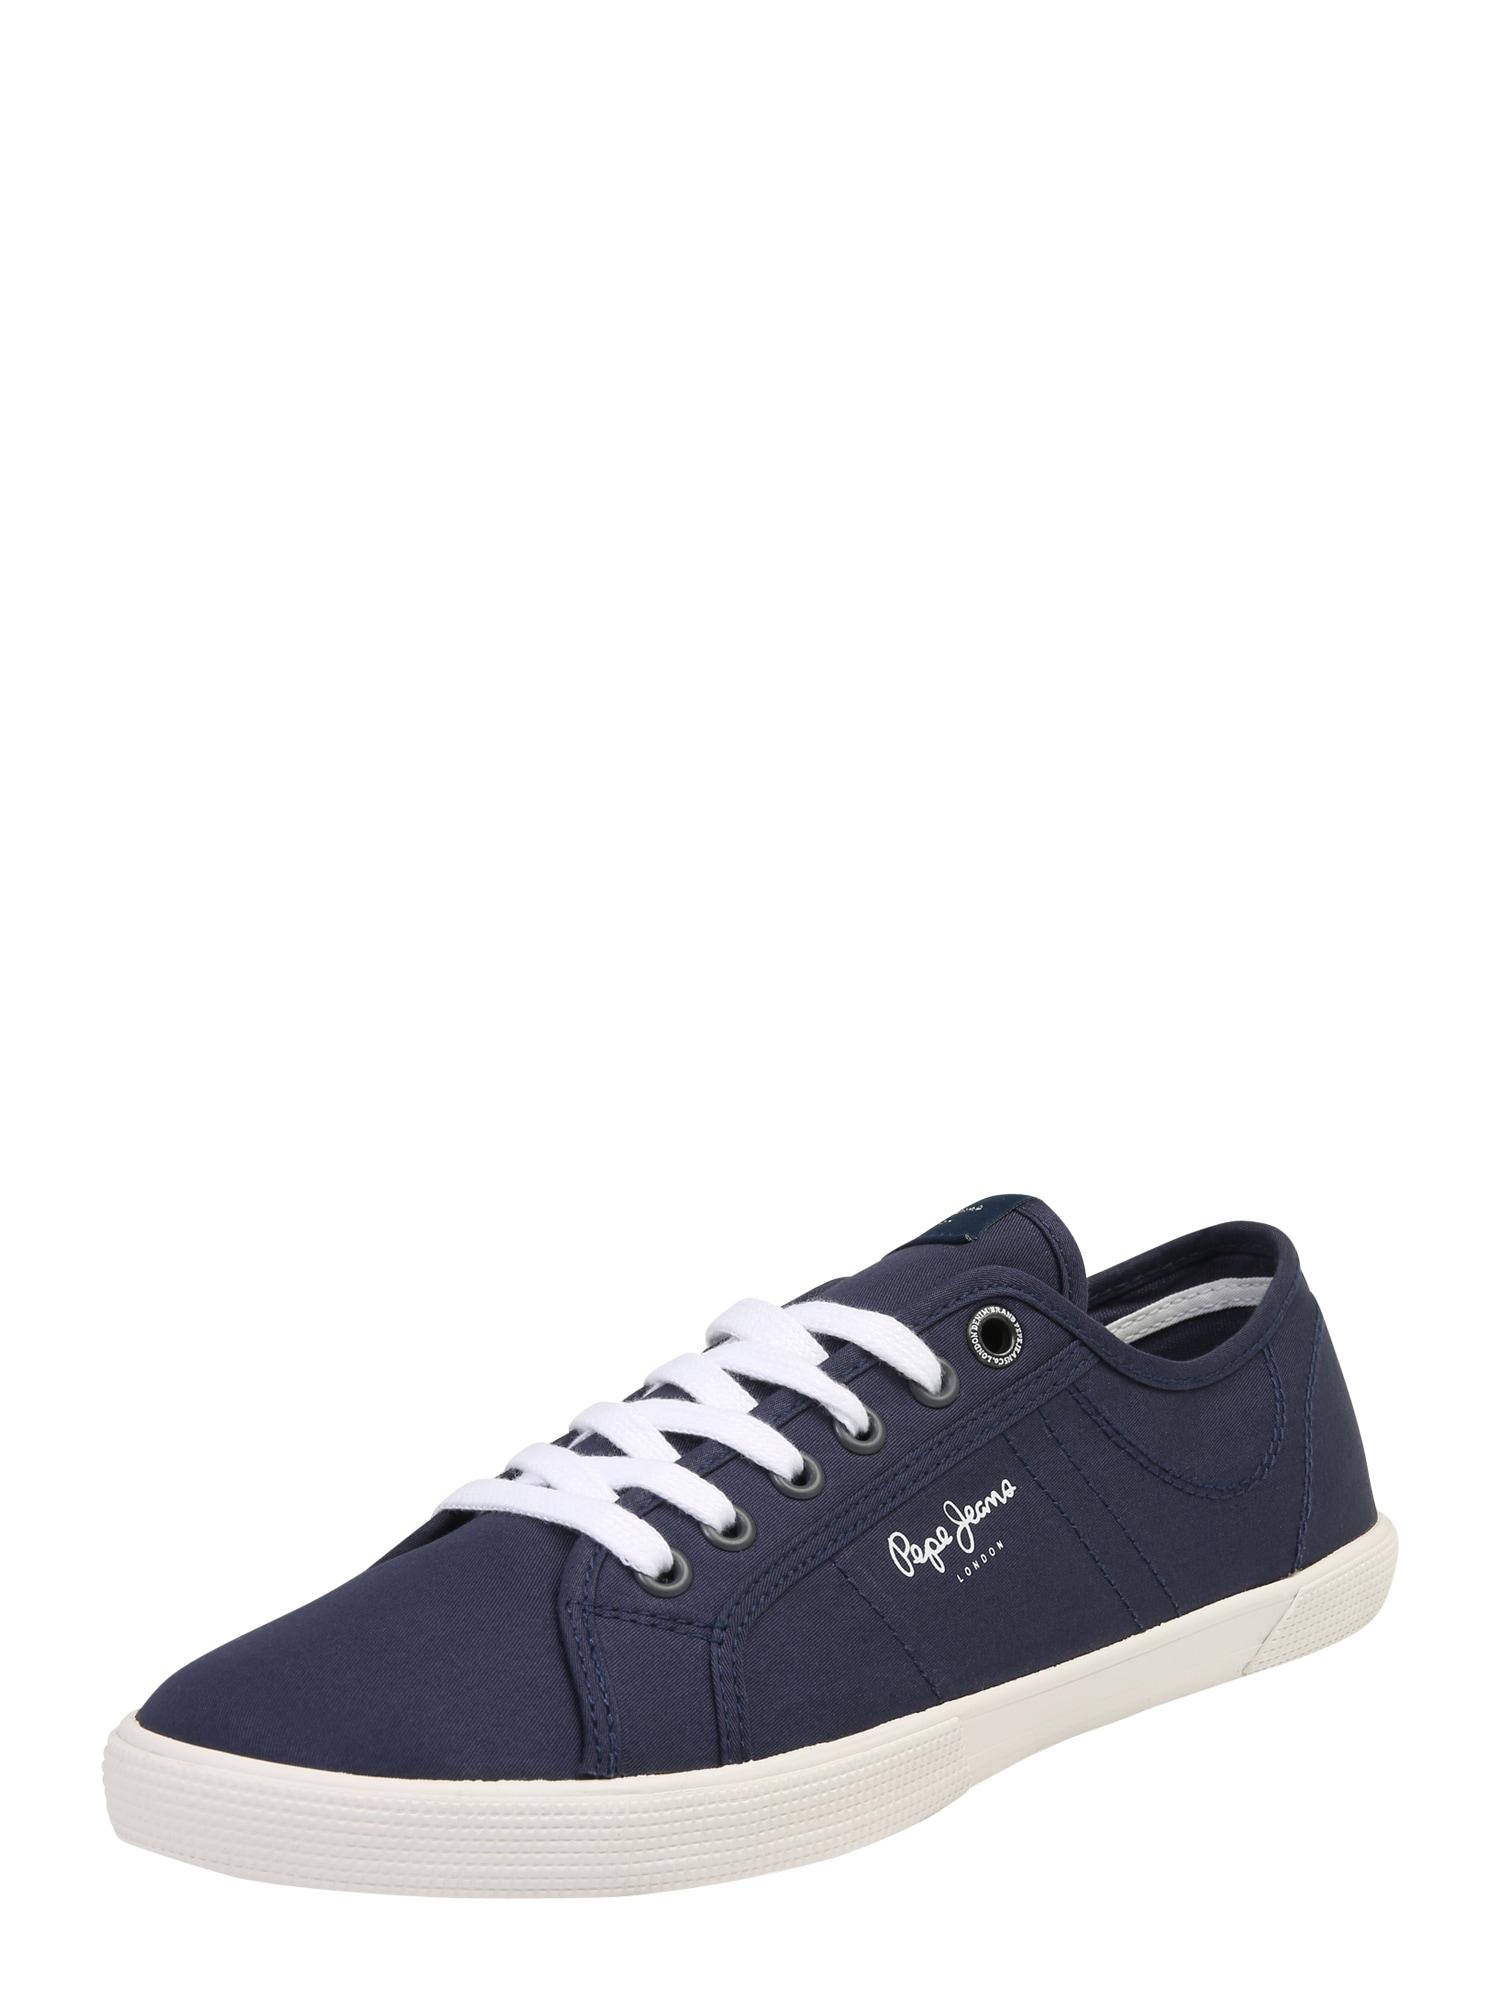 Pepe Jeans Heren Sneakers laag ABERMAN 2 1 navy